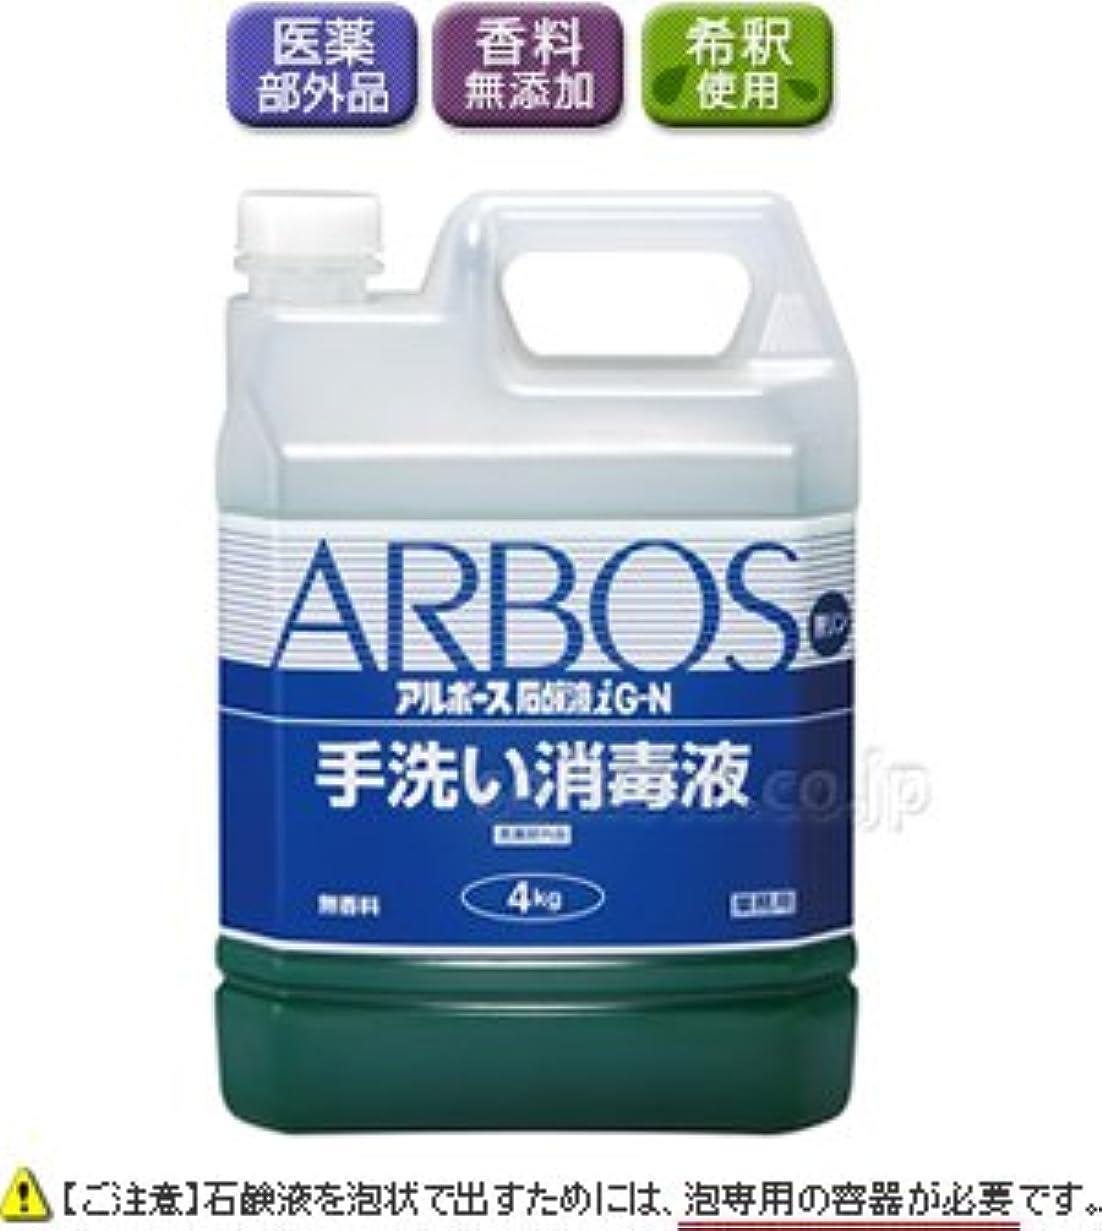 報復する懐疑論案件【清潔キレイ館】アルボース石鹸液iG-N お得な4kg×4本セット